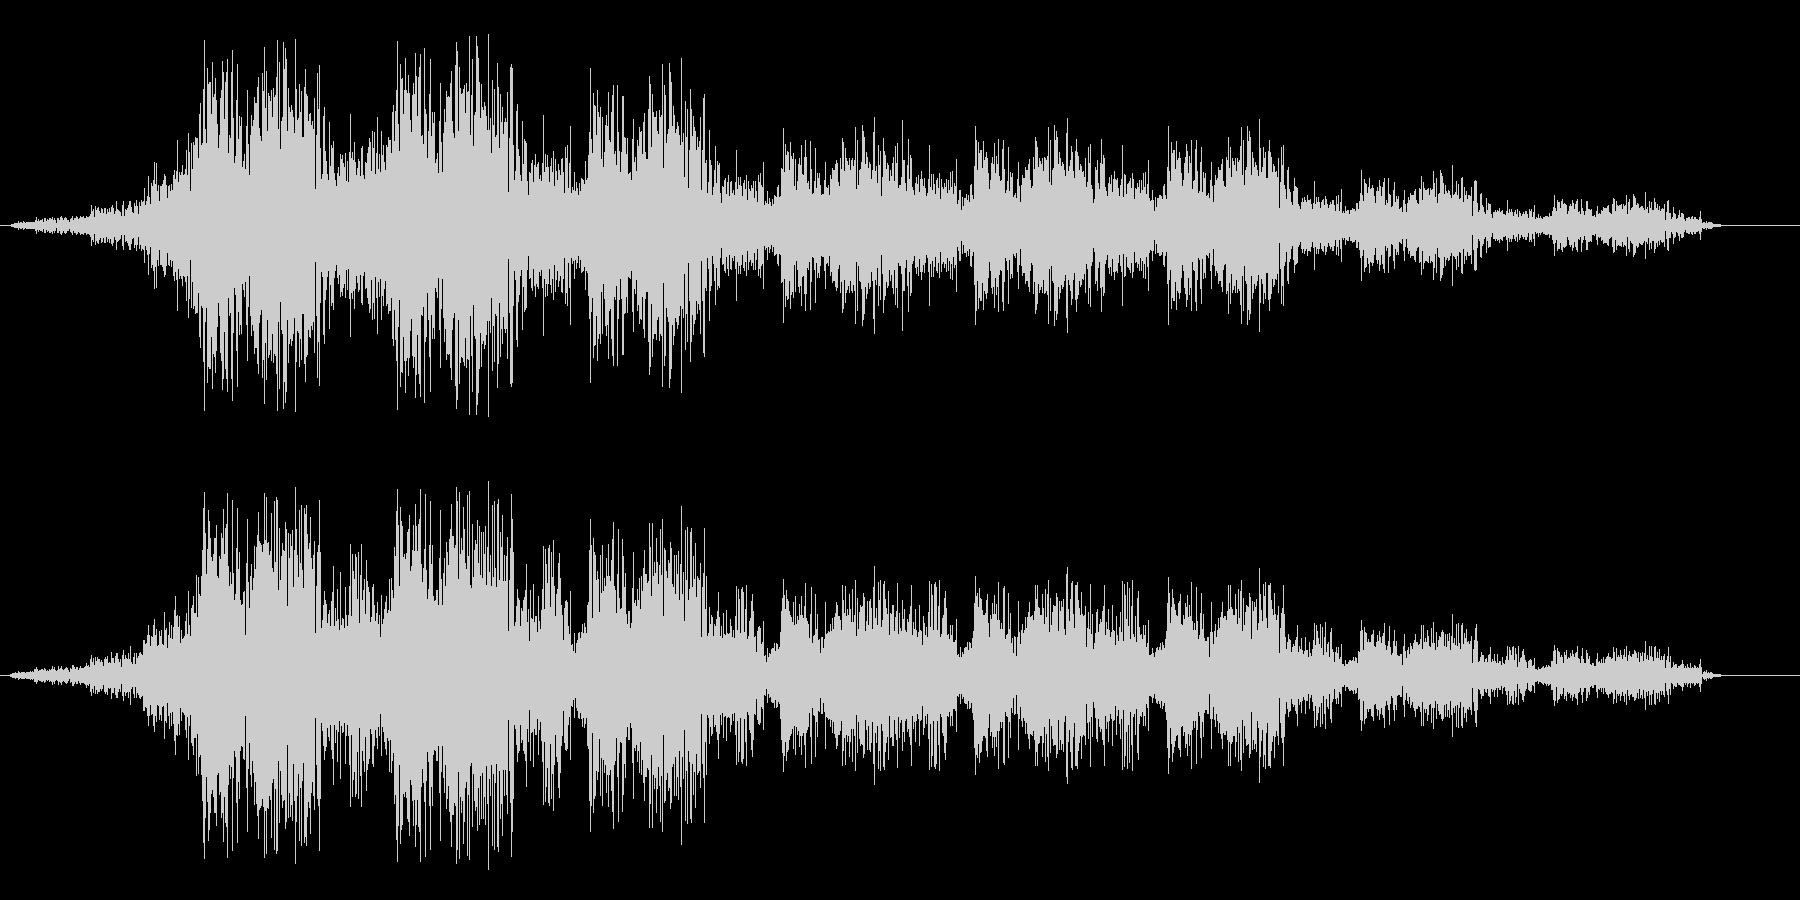 シュンシュン(動きがある音)の未再生の波形